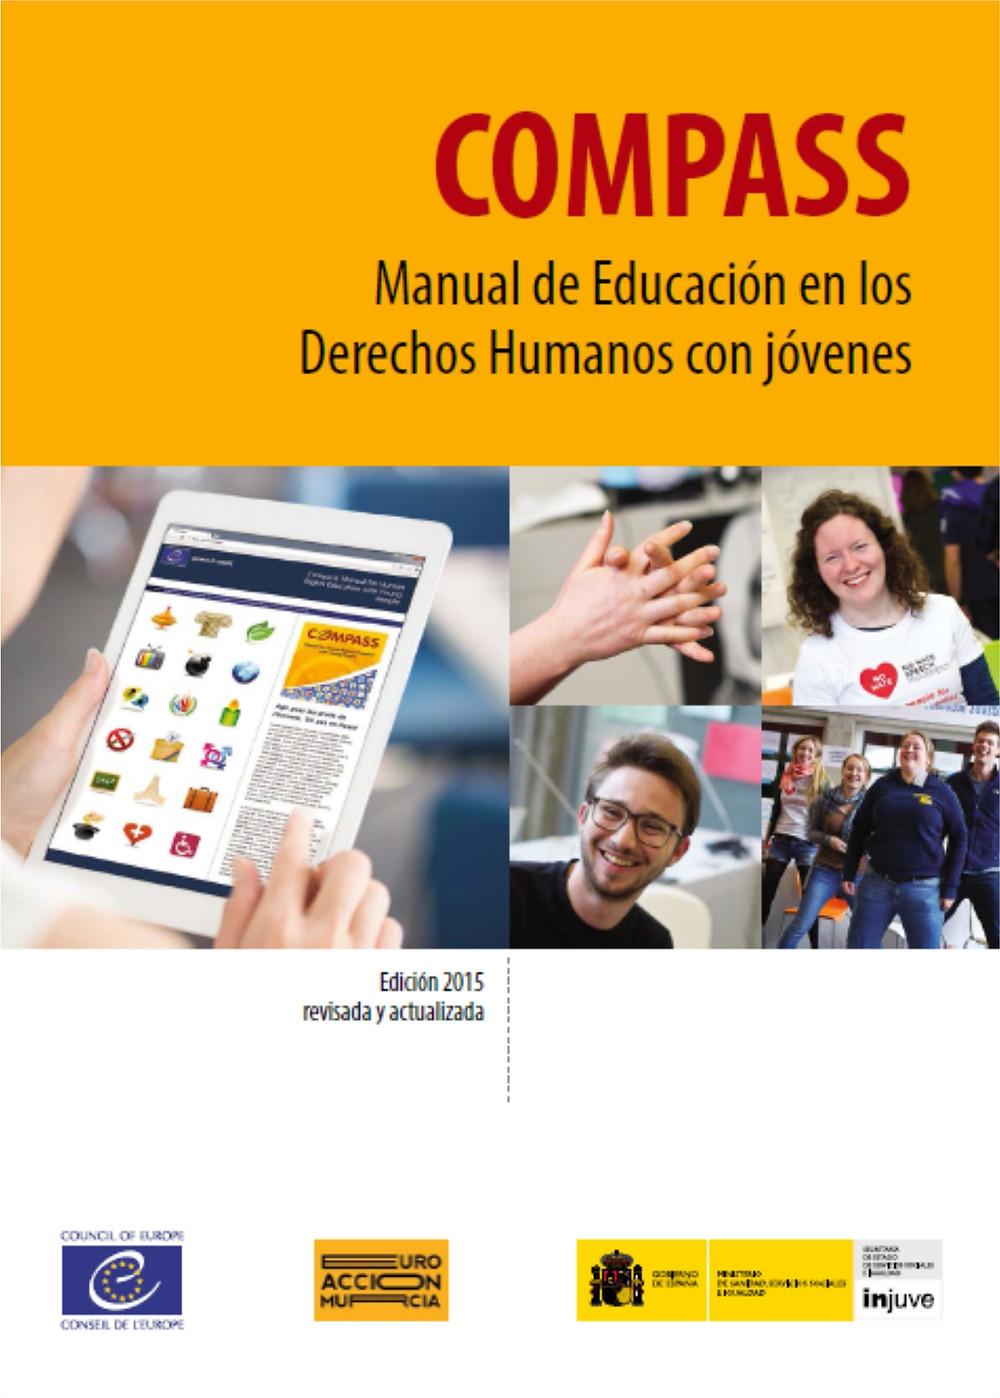 Manual de Educación en los Derechos Humanos con jóvenes. Consejo de Europa. Una detallada fundamentación conceptual sobre Educación en Valores y Derechos Humanos, desde una visión global e internacional. Incluye Actividades y Dinámicas de Grupo orientadas a los jóvenes.